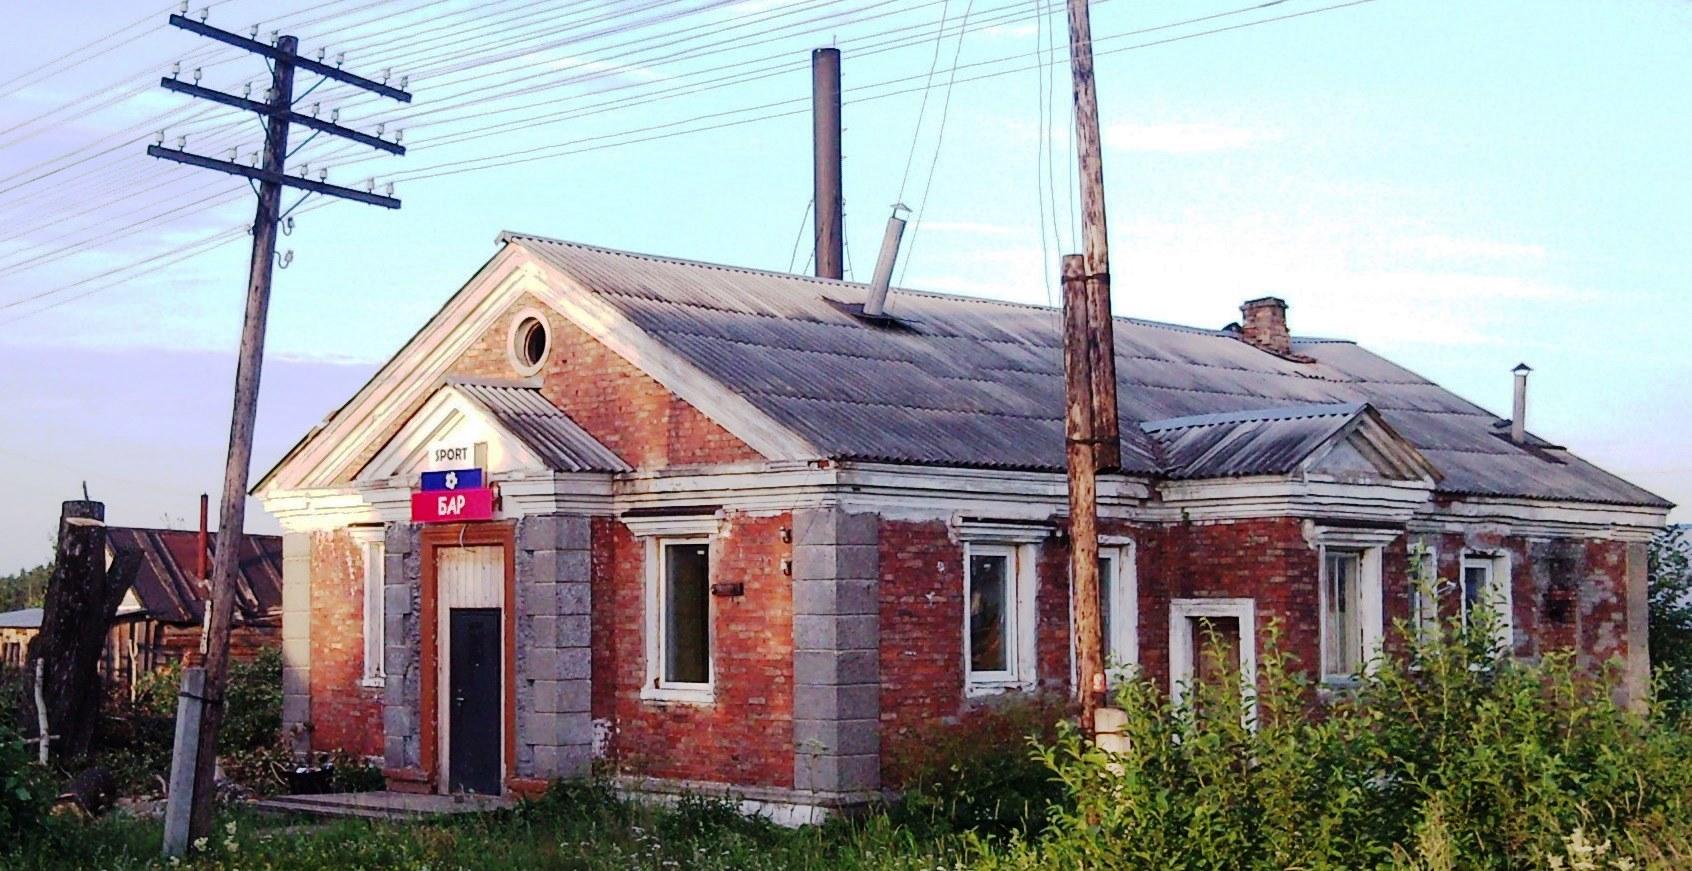 08.07.2012, последний вид Бани на перекрестке улиц Задорожная и К.Зинина (2)